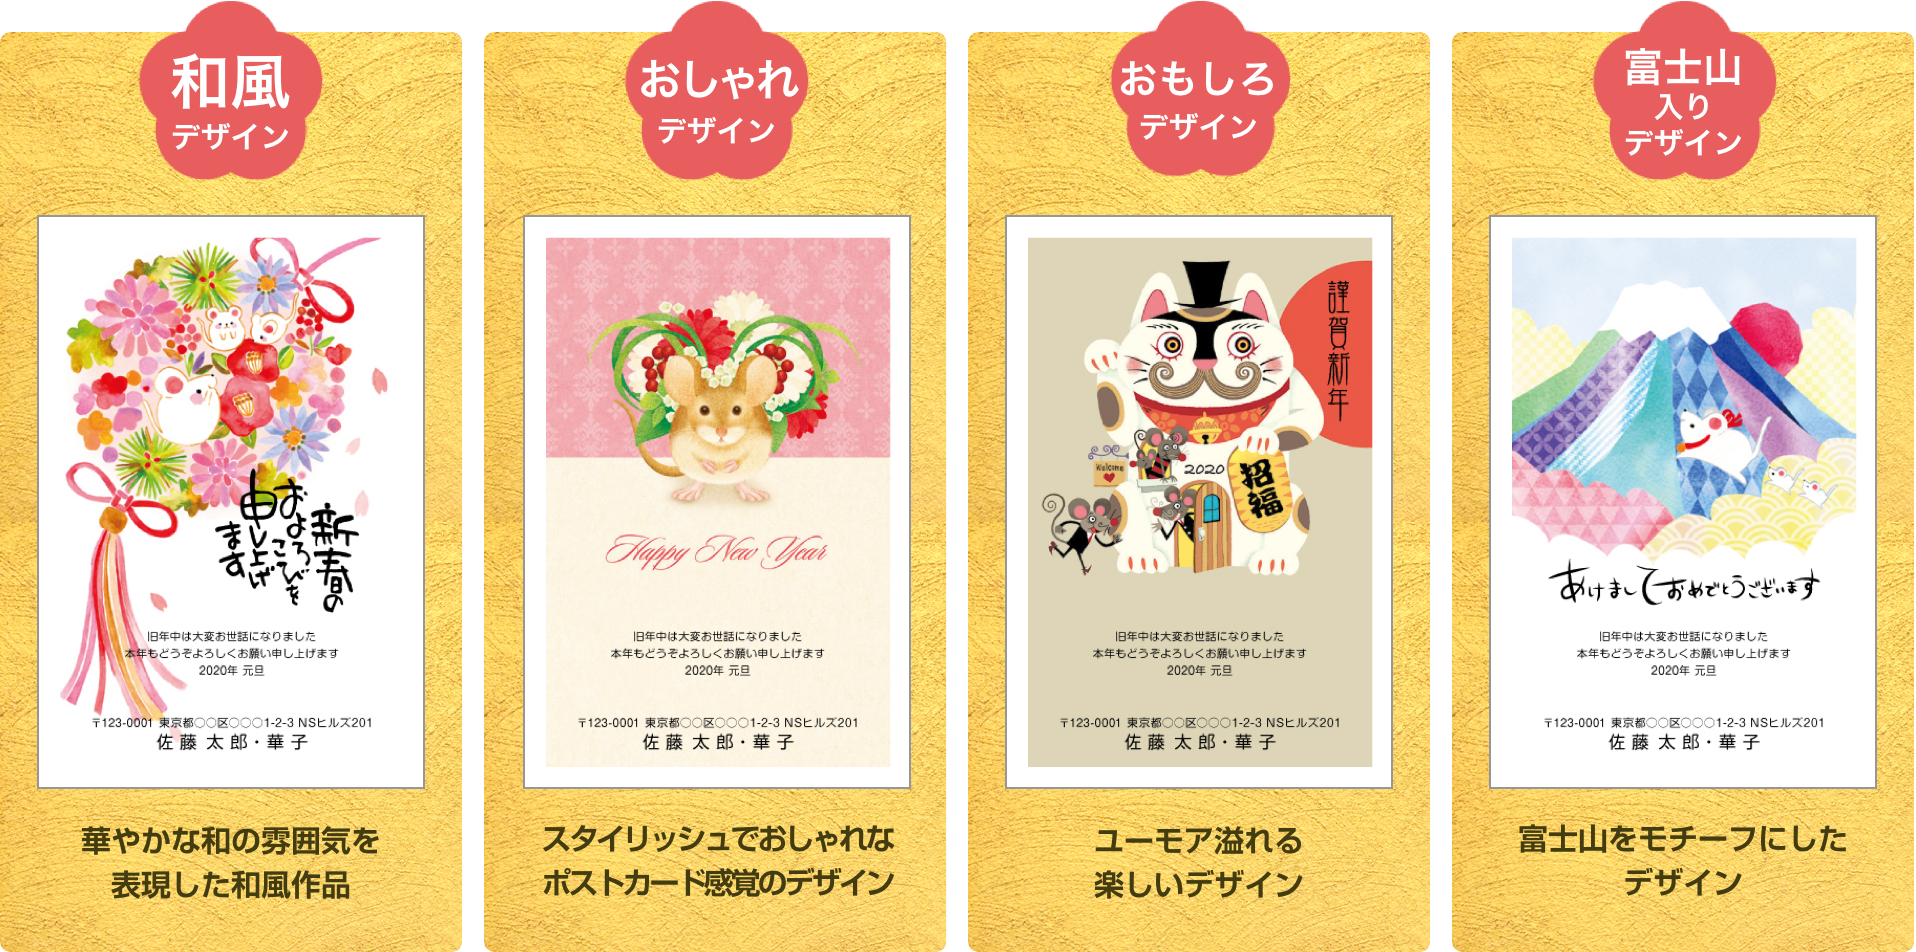 (1)和風デザイン:華やかな和の雰囲気を表現した和風作品(2)おしゃれデザイン:スタイリッシュでおしゃれなポストカード感覚のデザイン(3)おもしろデザイン:ユーモア溢れる楽しいデザイン(4)富士山入りデザイン:富士山をモチーフにしたデザイン